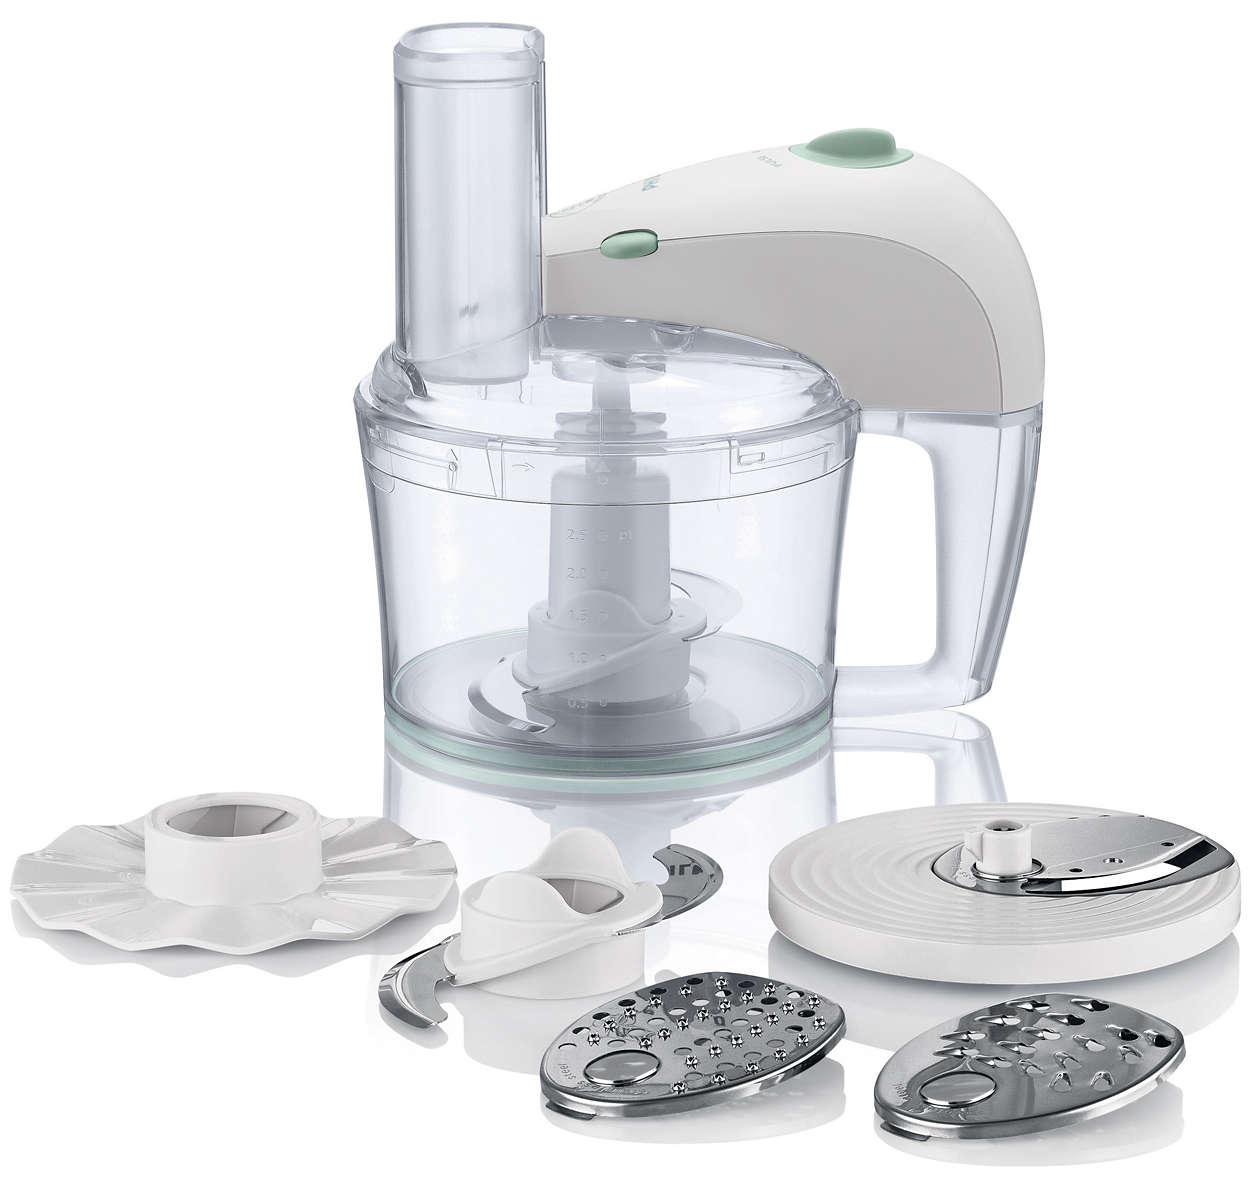 Robot de cuisine hr7605 10 philips for Robot cuisine philips